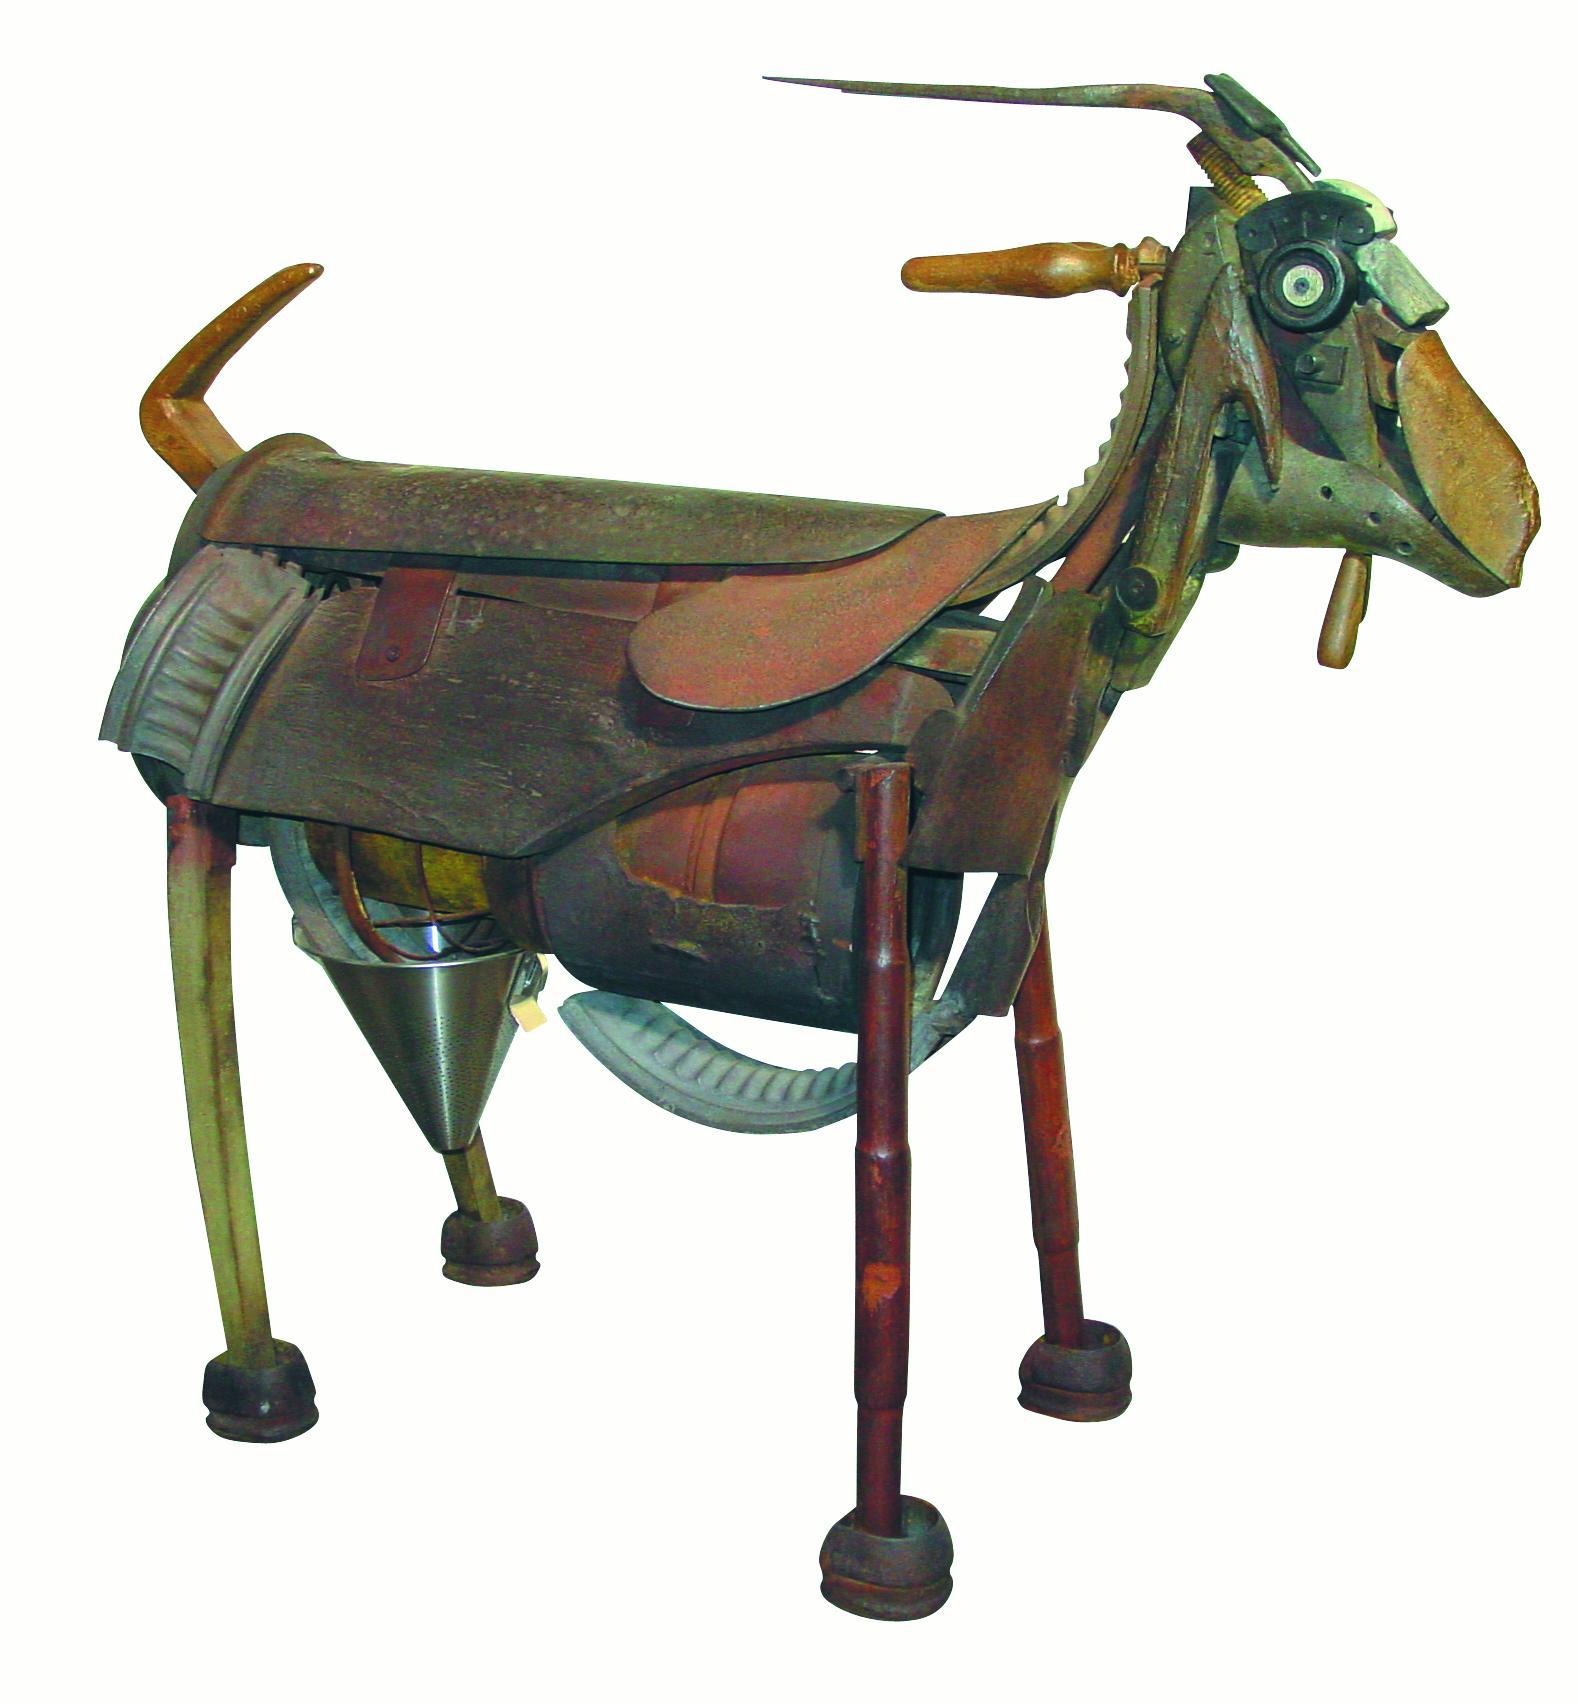 Cabra De Bronce - 21st Century, Contemporary Sculpture, Figurative, Bronze